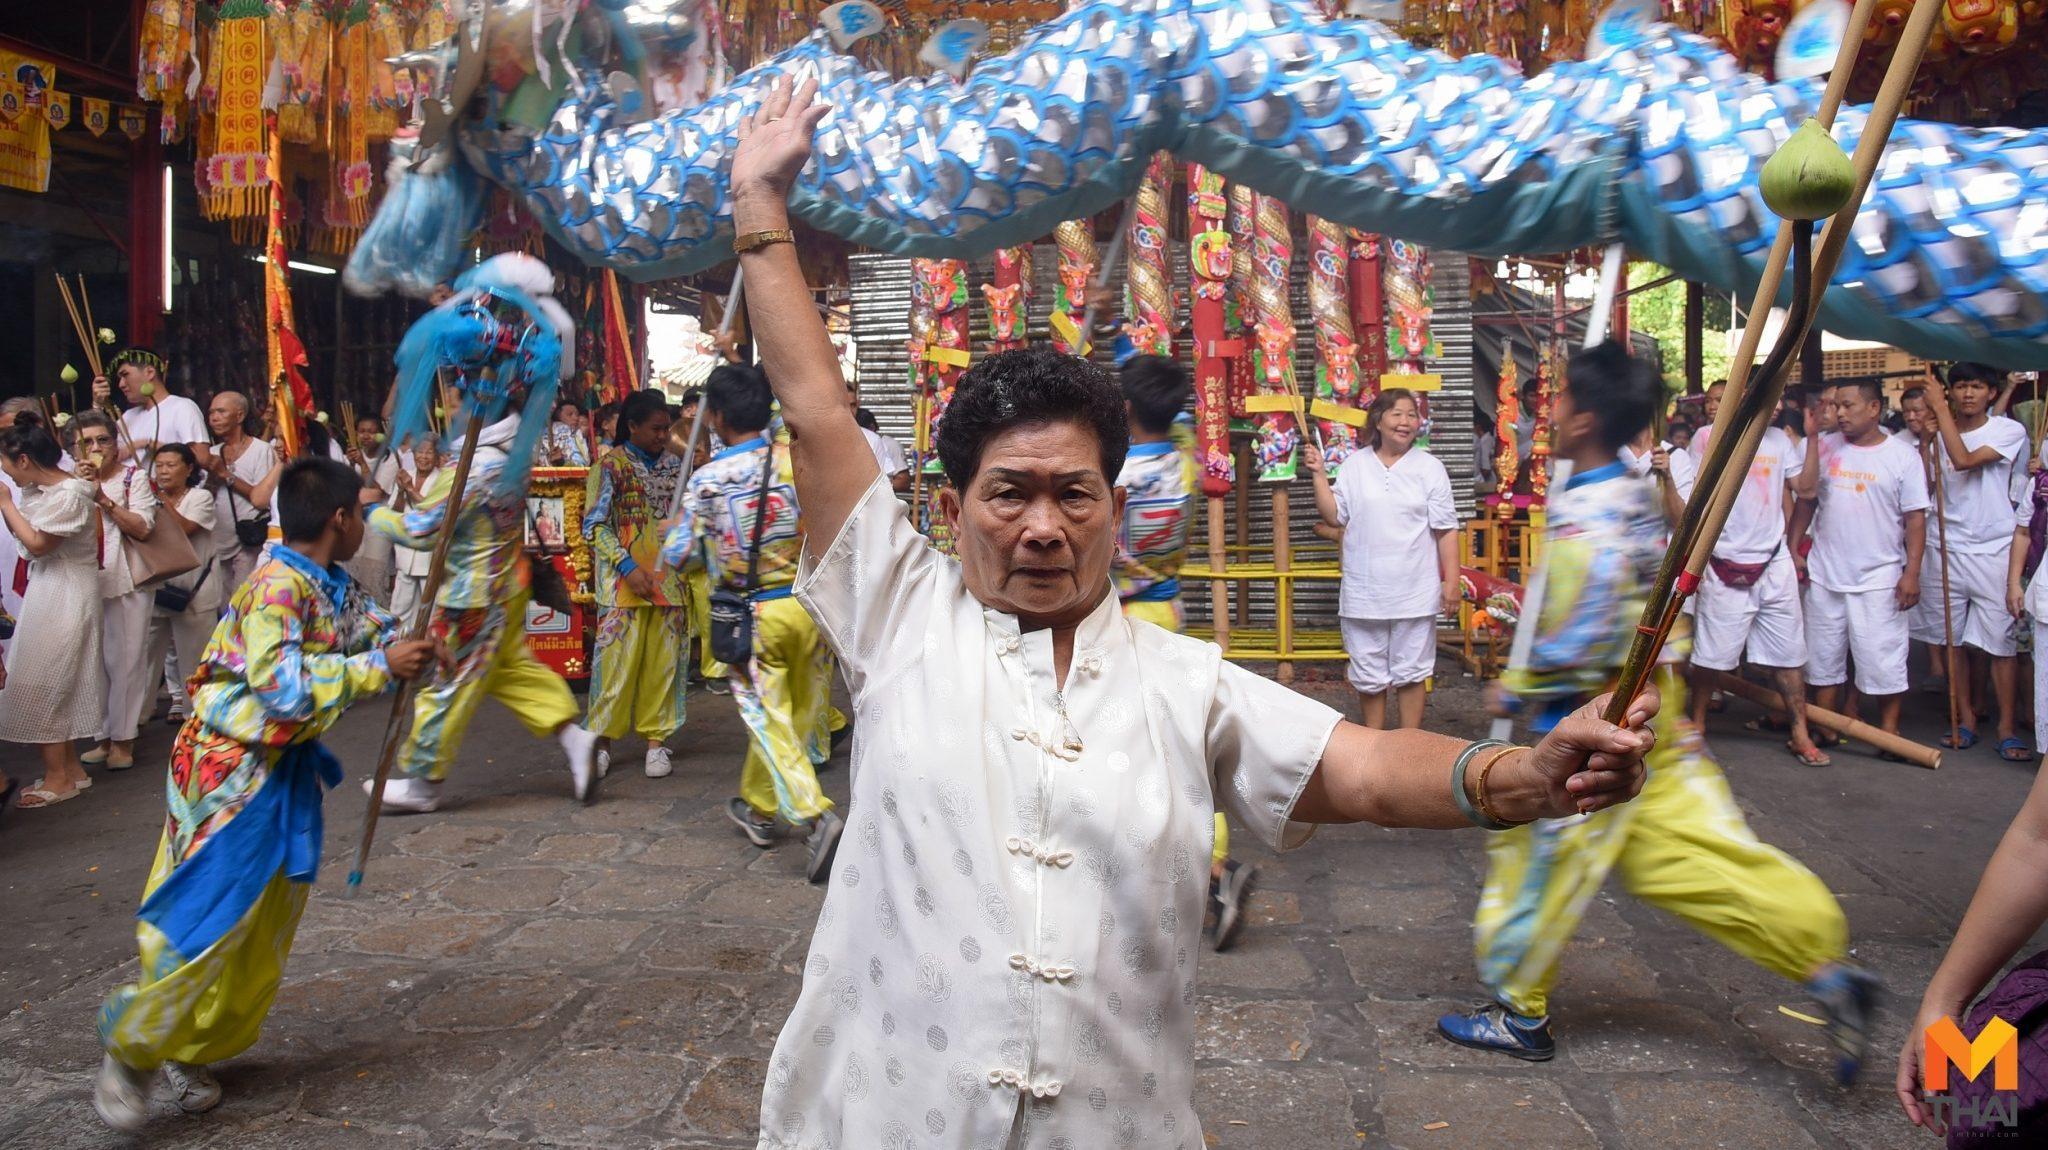 ชาวไทยเชื้อสายจีนร่วมพิธีเชิญเจ้า ก่อนเริ่มเทศกาลกินเจ